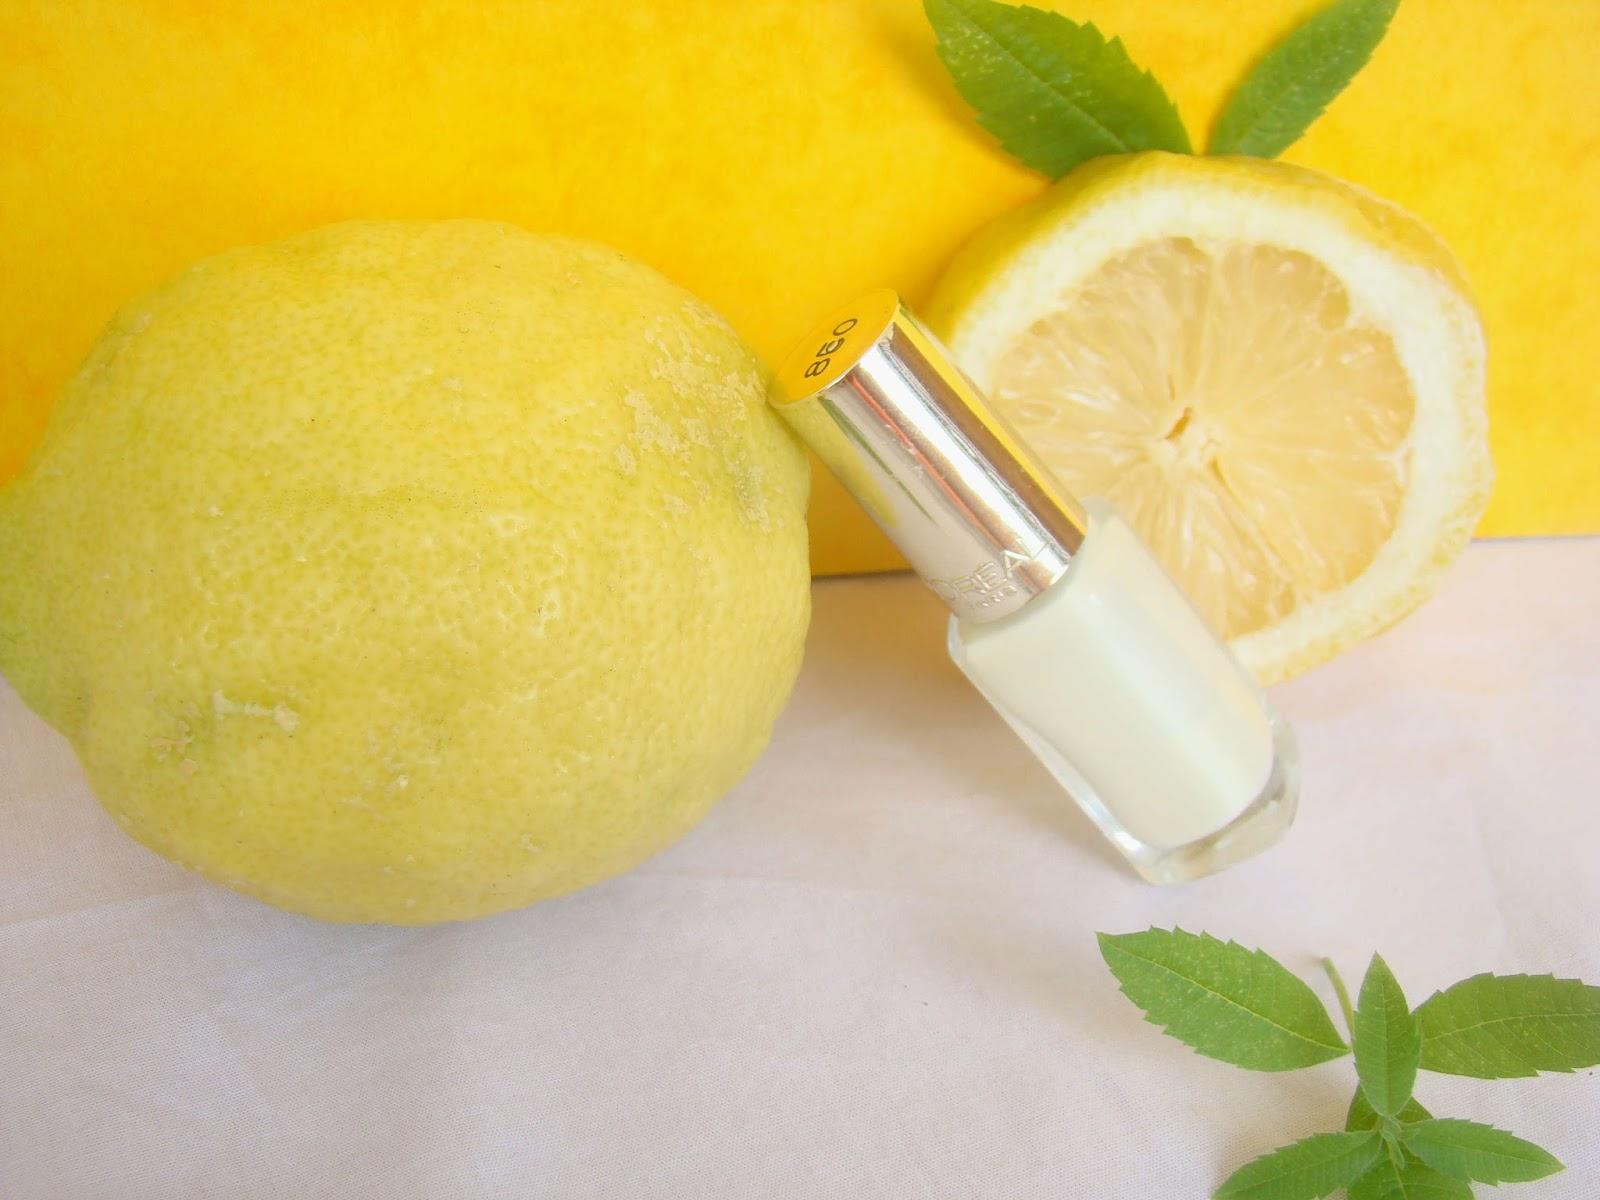 Vernis Lemon Meringue 850 de l'Oréal